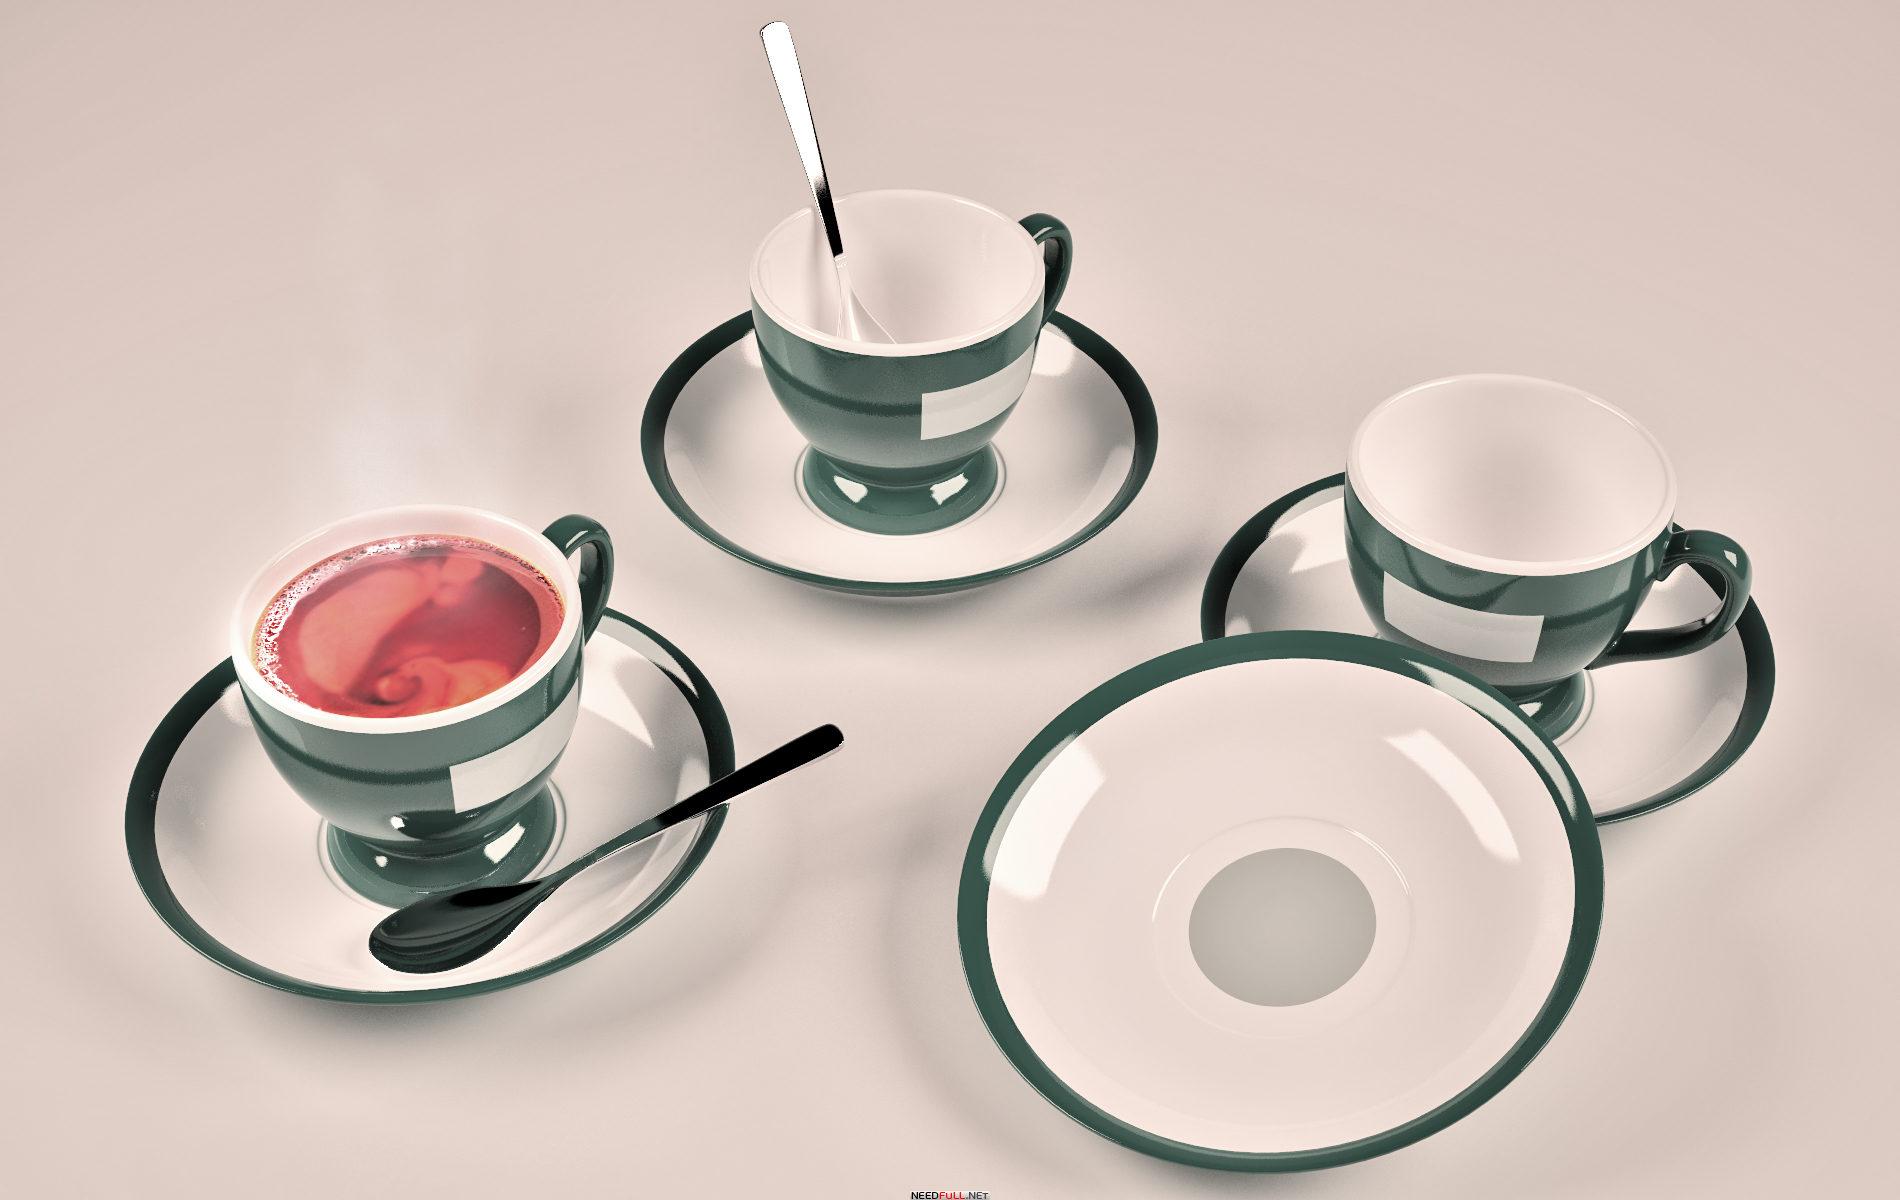 http://f.usemind.org/img/6/NeedFull.NET_3d-model-chashek-kofe.jpg